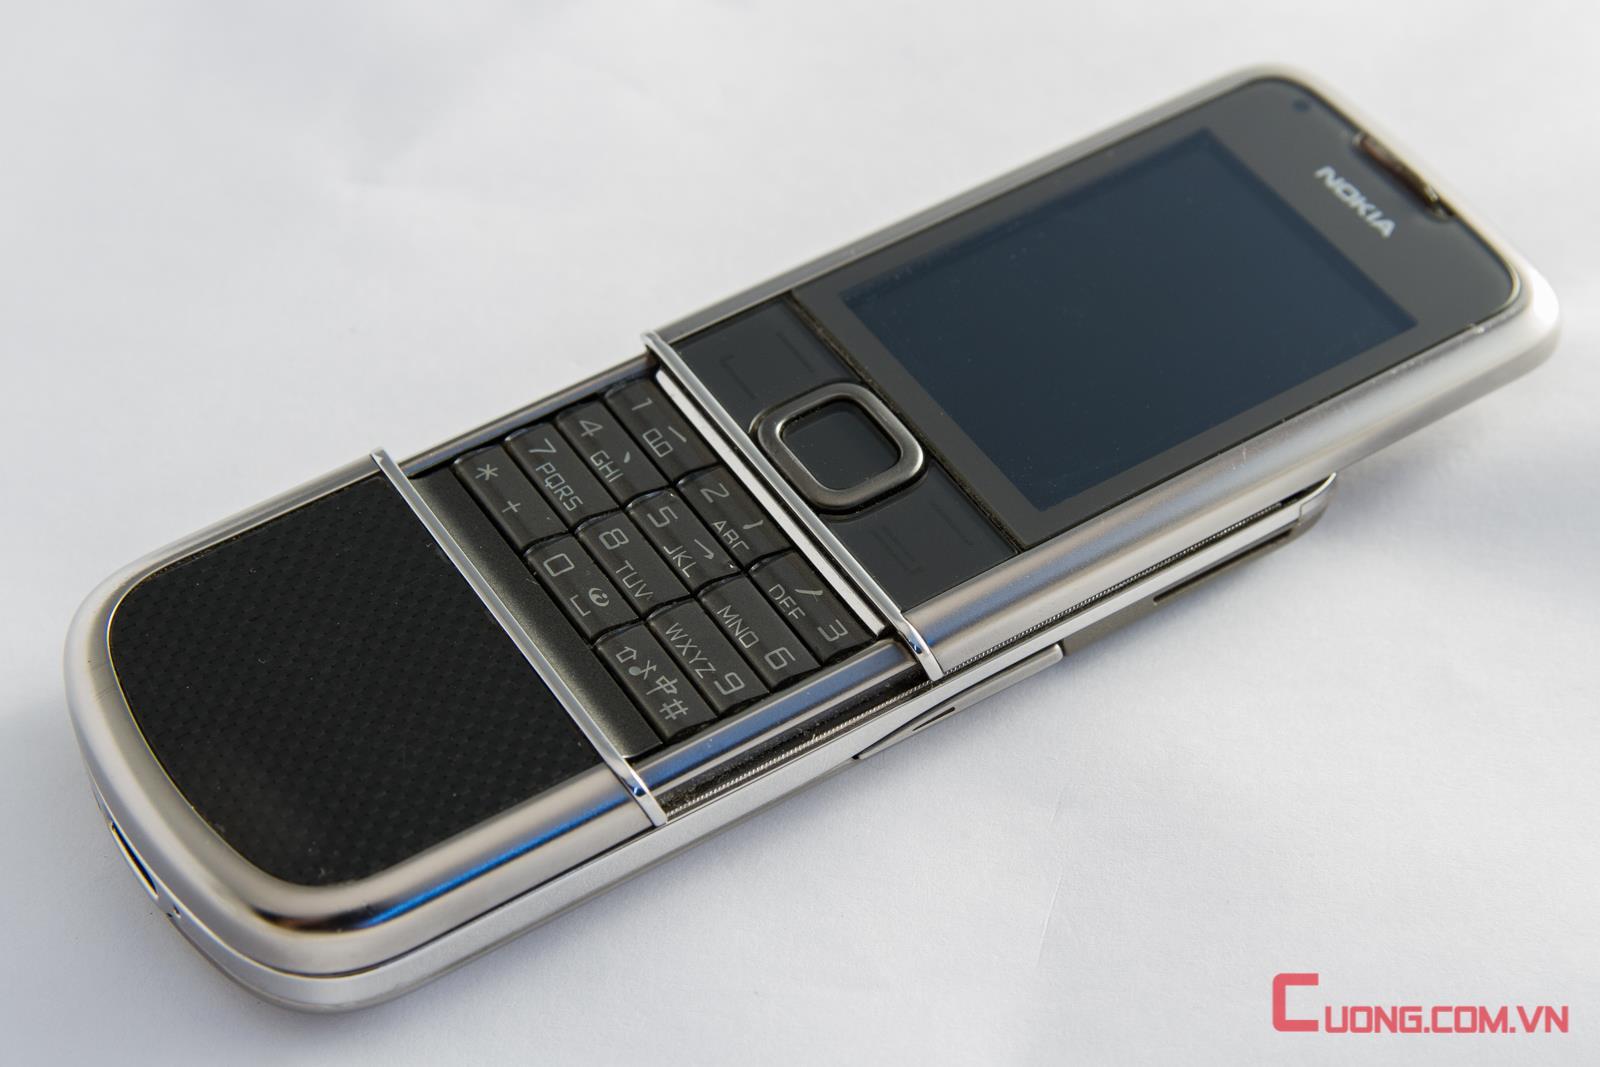 V? ??p c?a Nokia 8800 Cacbon Arte